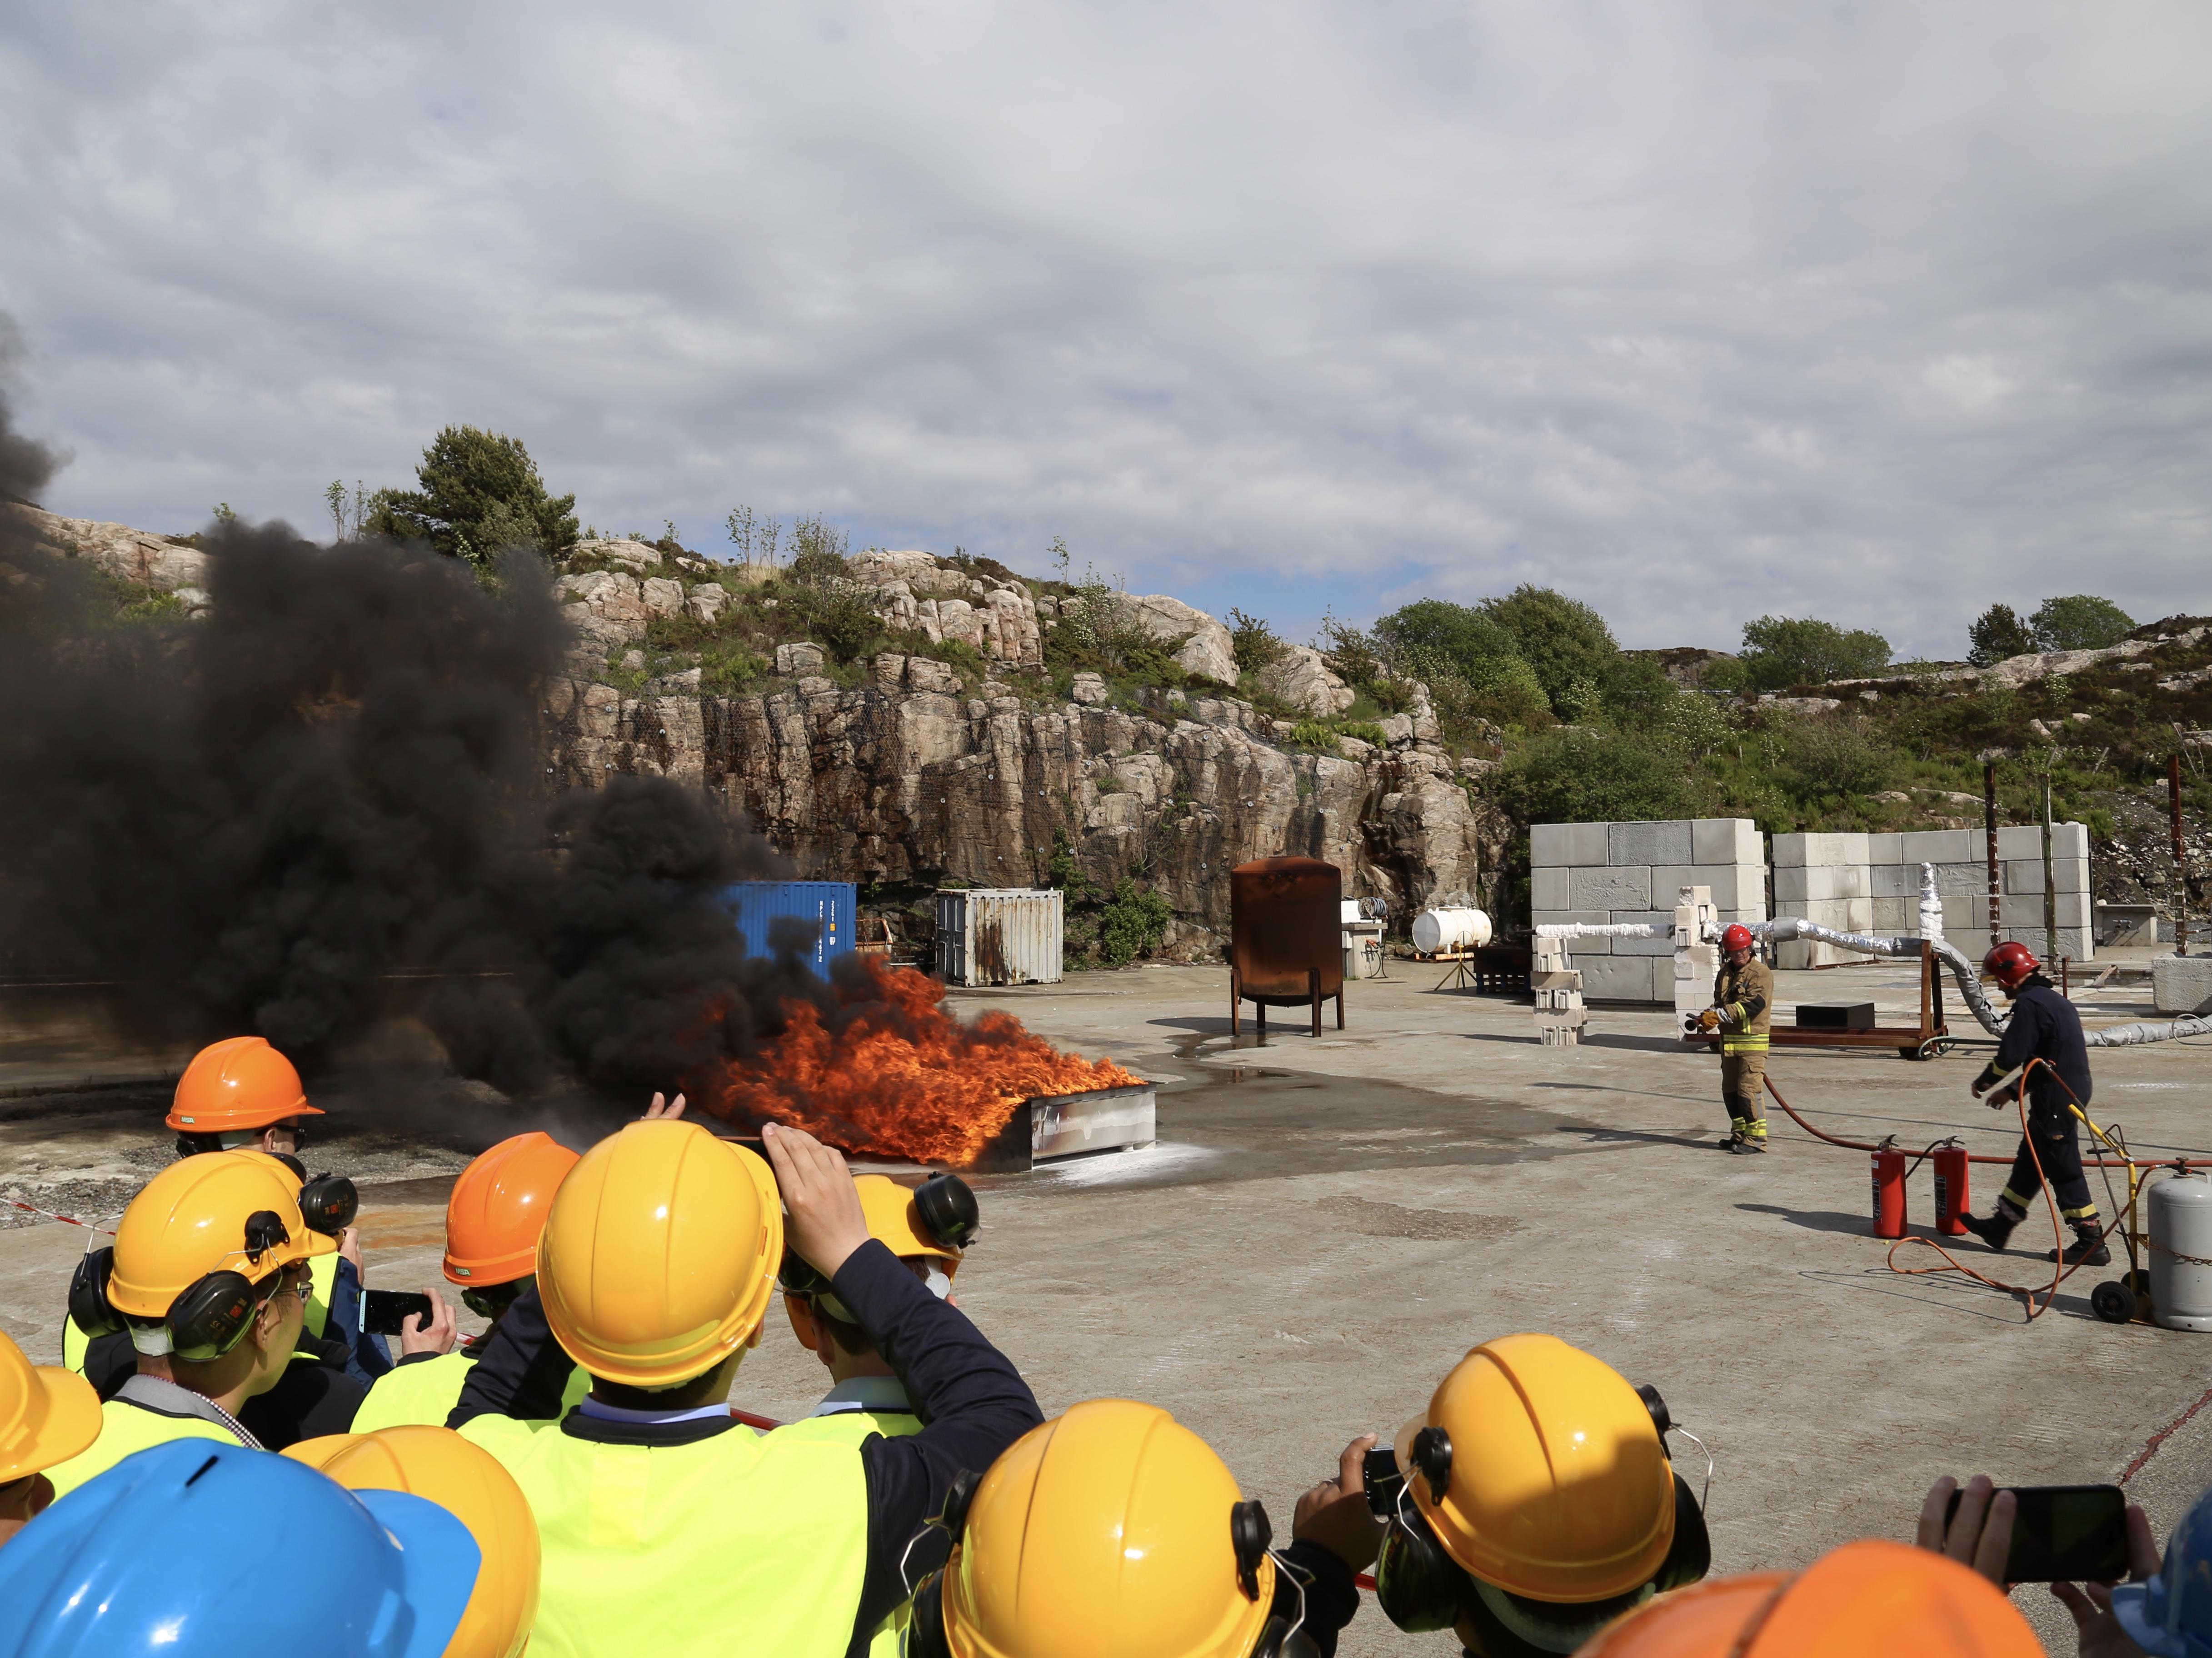 Kunjungan lapangan ke fasilitas pengujian api jet Gexcon.